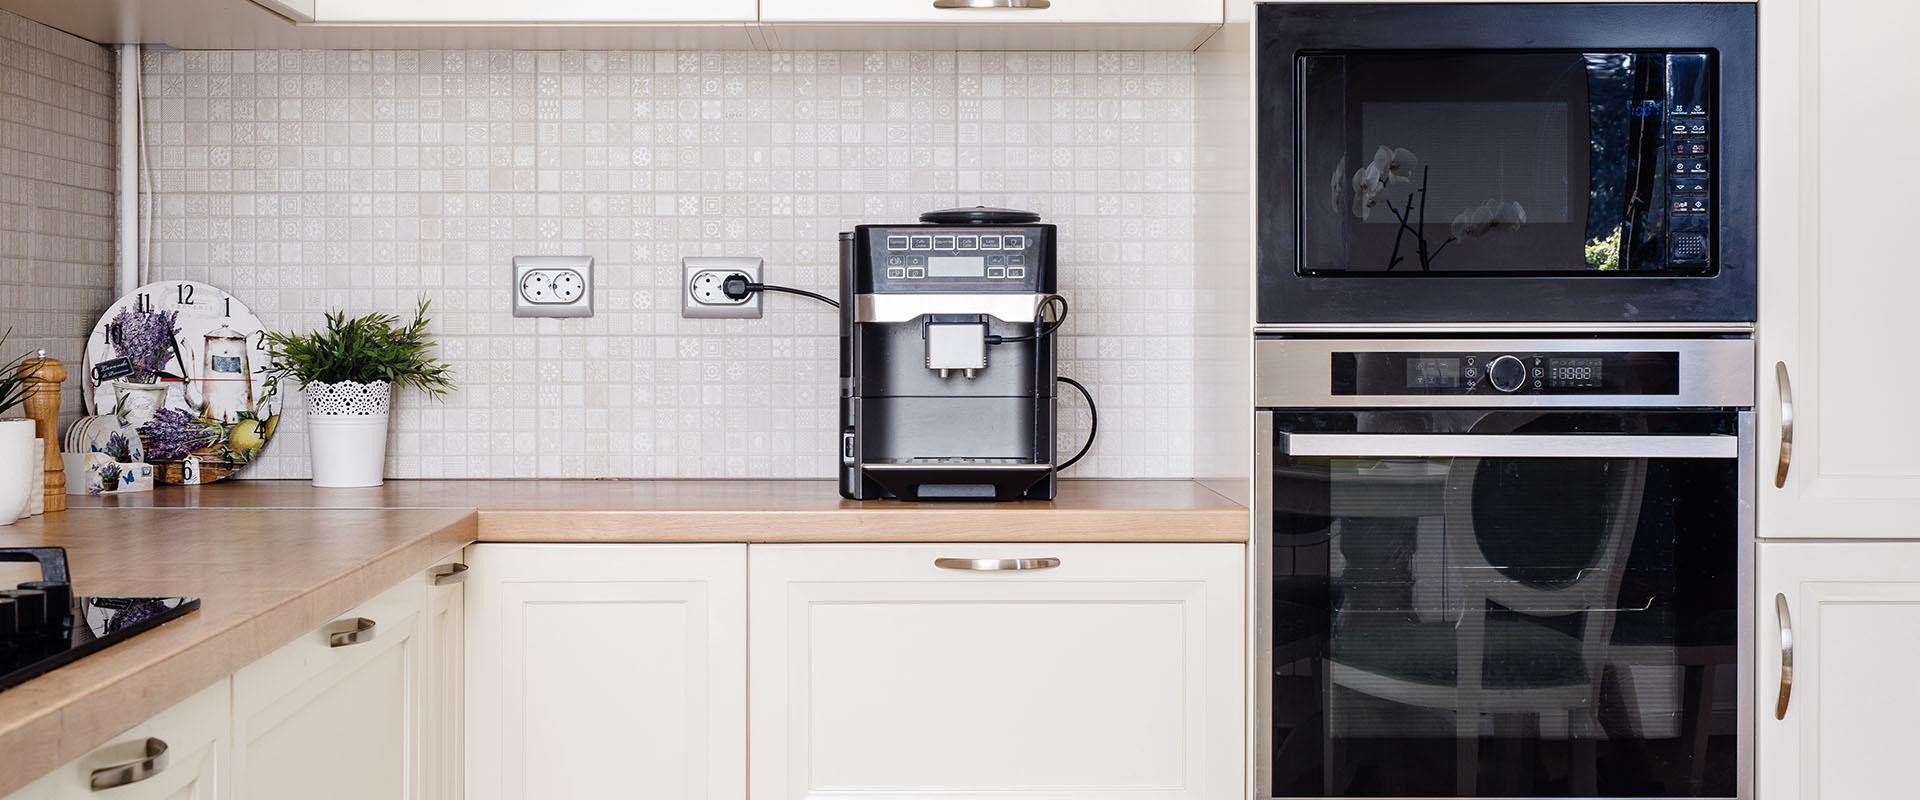 електрически уреди в кухня